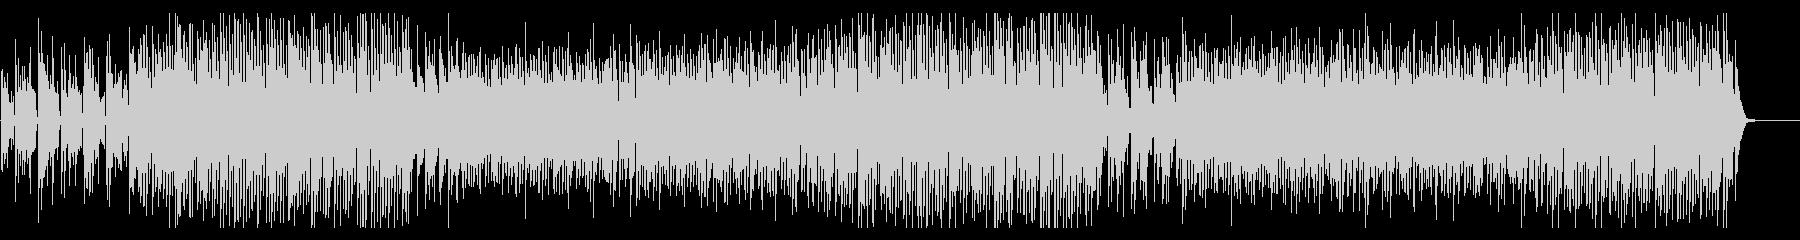 ノリノリ明るいピアノポップの未再生の波形